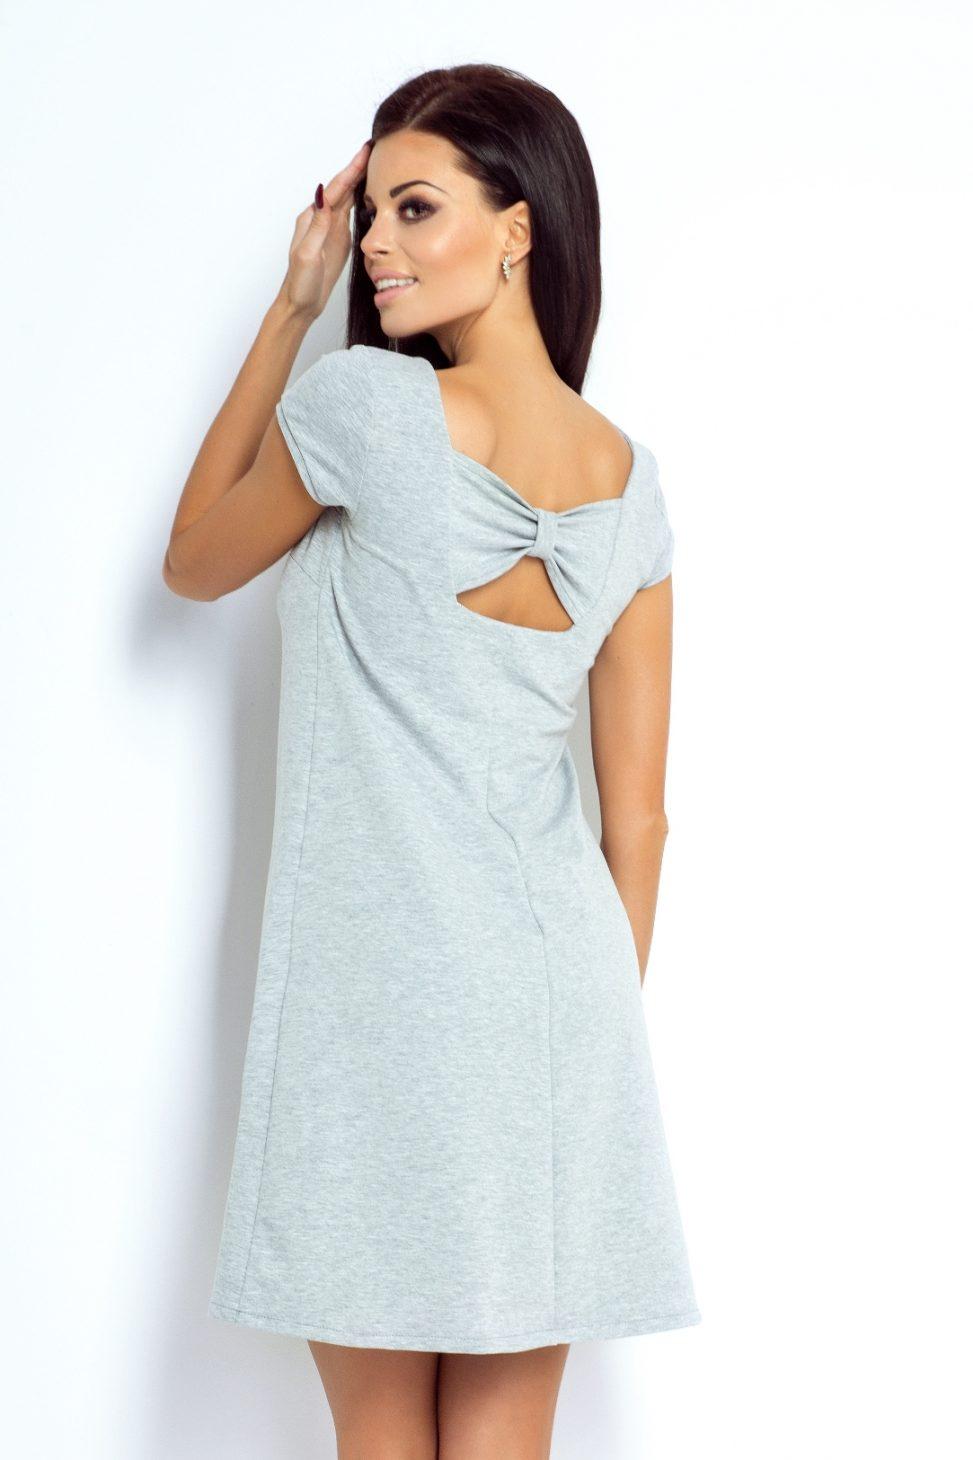 Bawełniana szara sukienka z kokardą na plecach